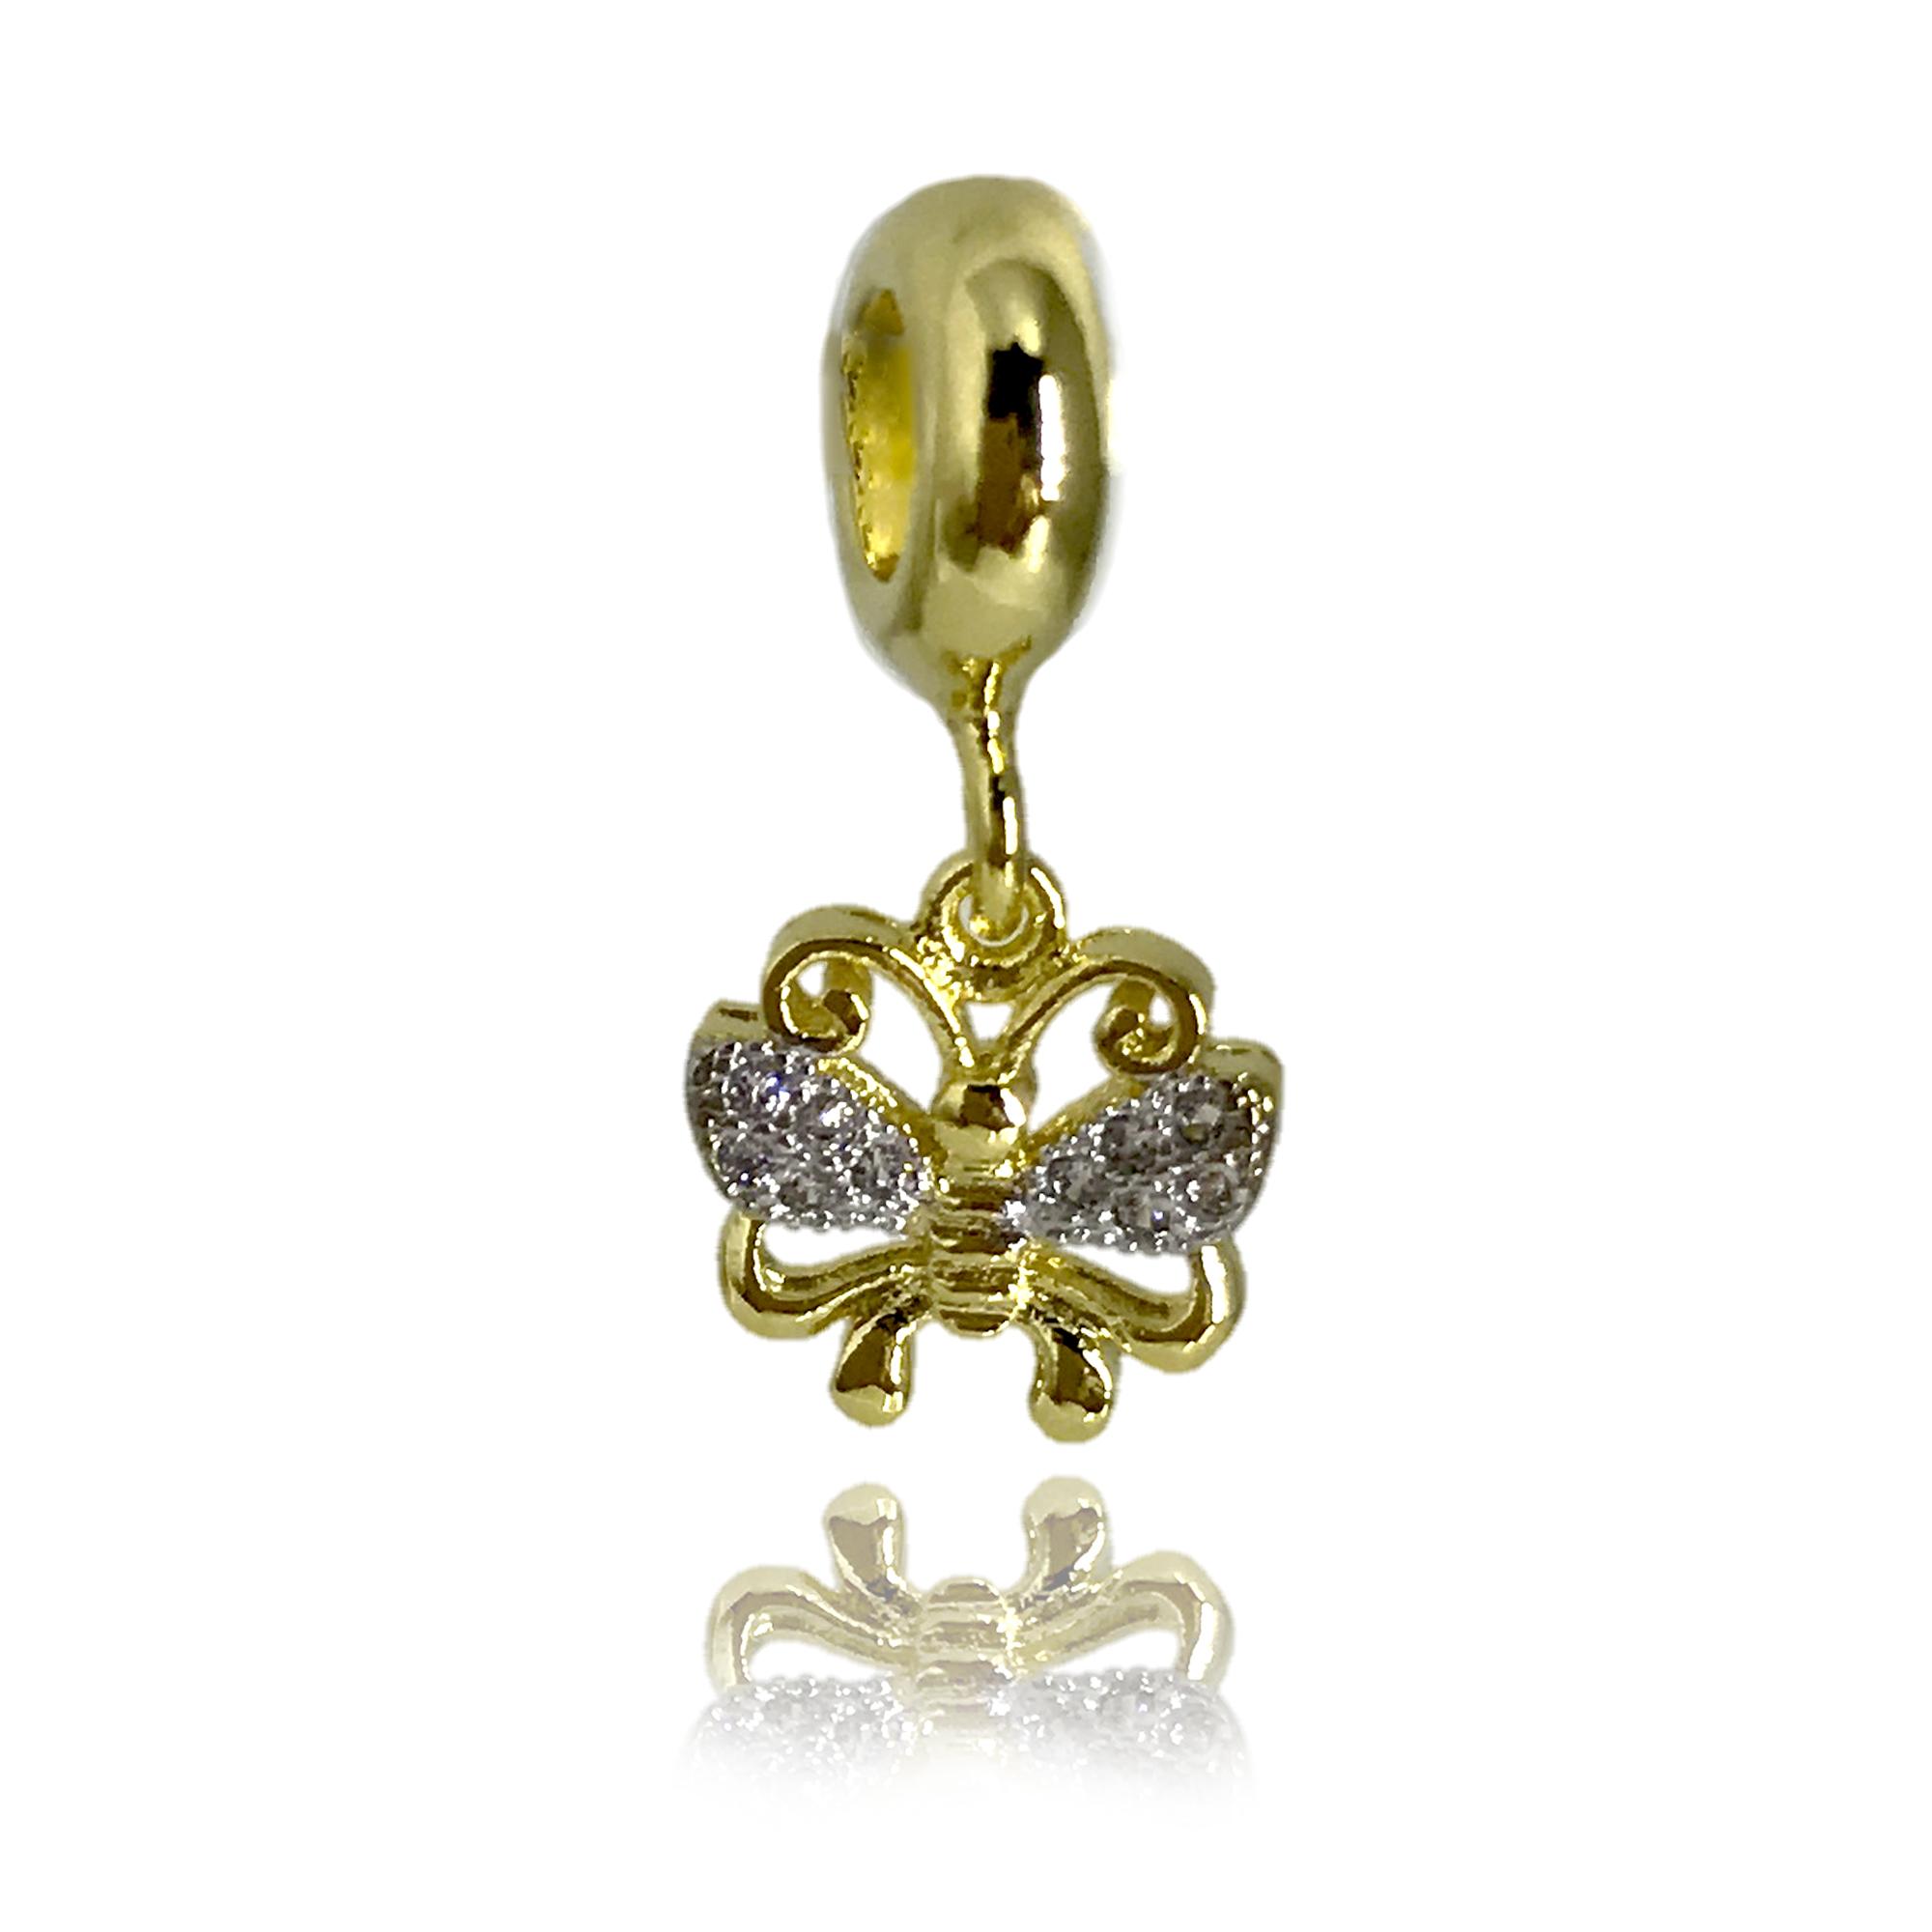 Pingente pequeno em formato de borboleta cravejado com mini cristais e folheado no ouro 18k